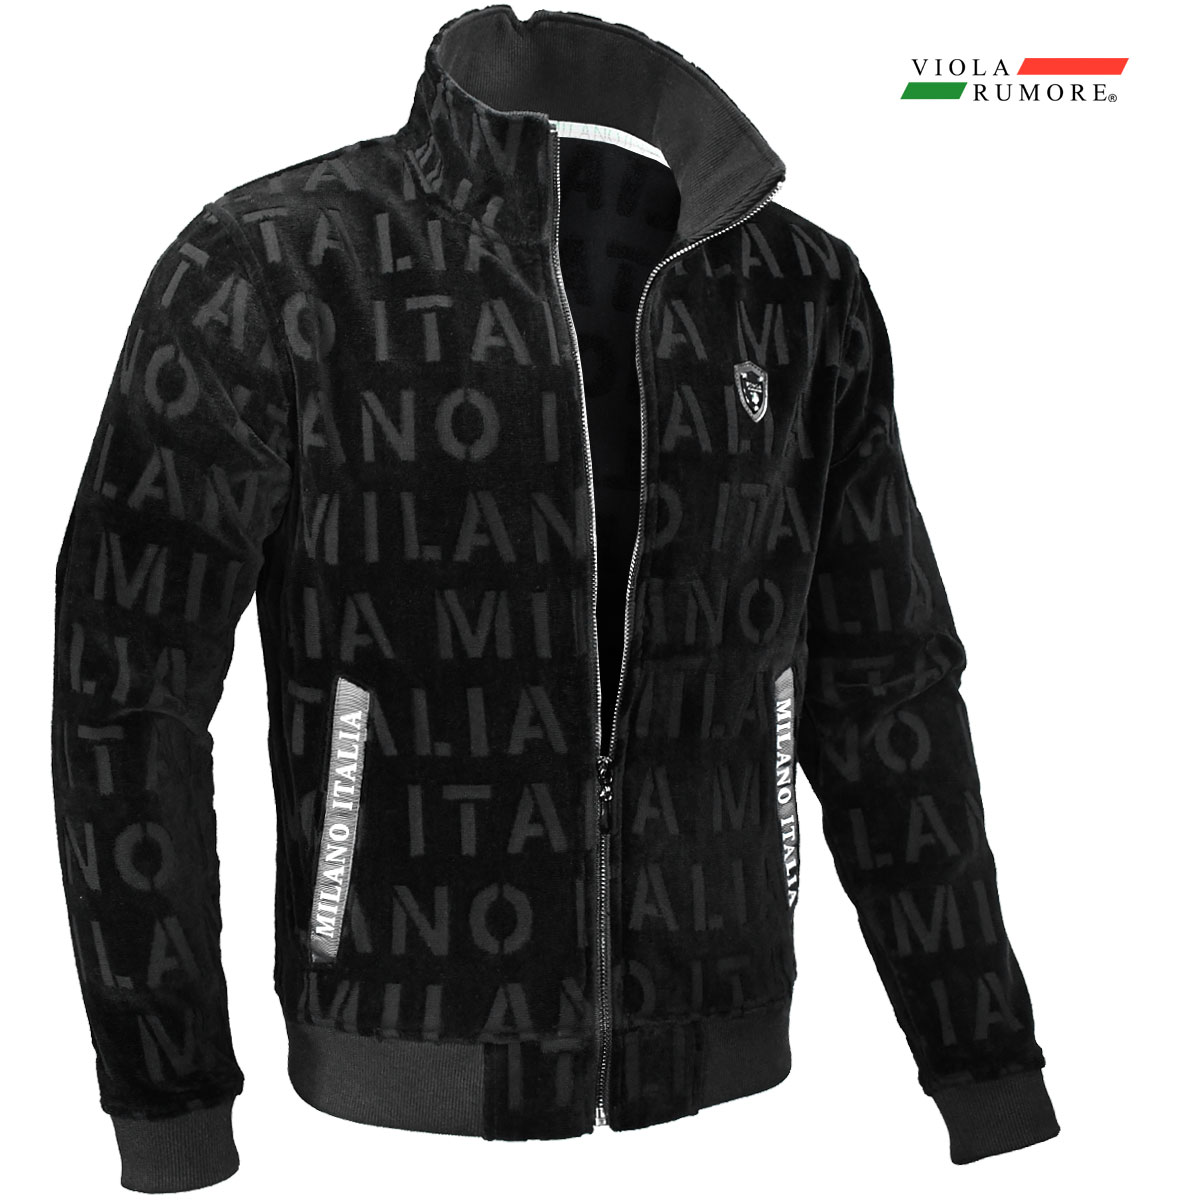 VIOLA rumore ヴィオラ ビオラ パイル フルジップアップ メンズ ロゴ柄 ジャガード ニットジャケット mens(ブラック黒) 01301